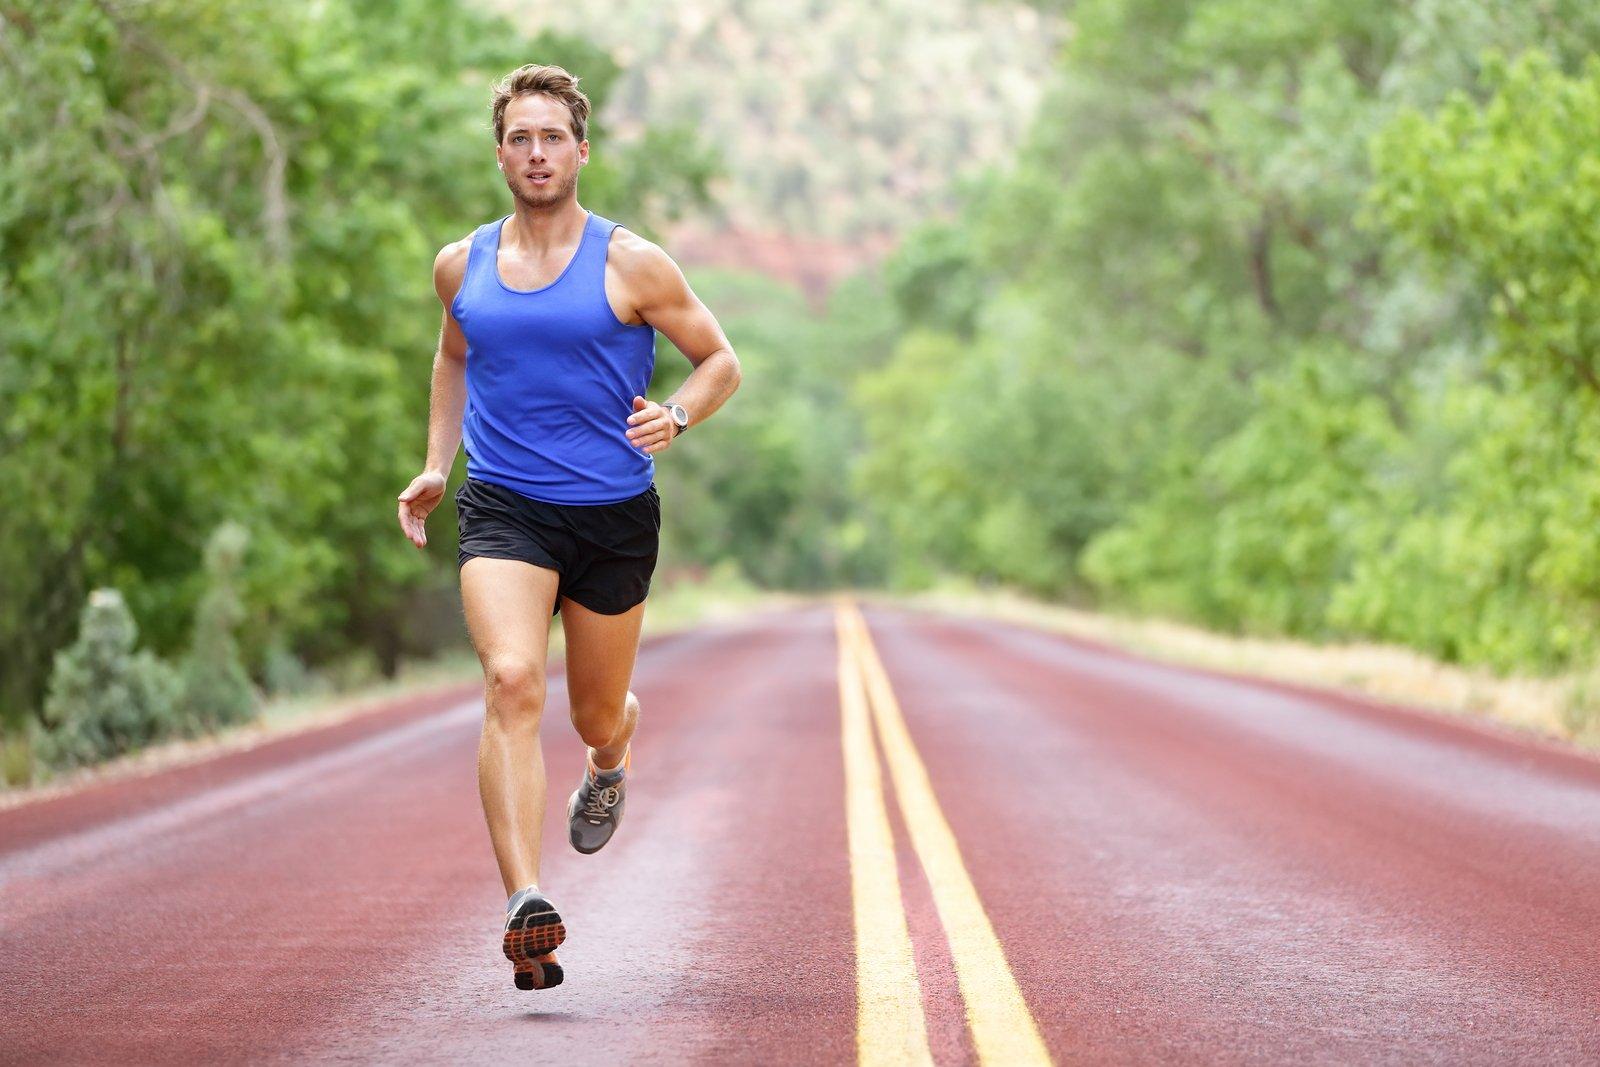 Cải thiện yếu sinh lý nam bằng các bài tập thể lực